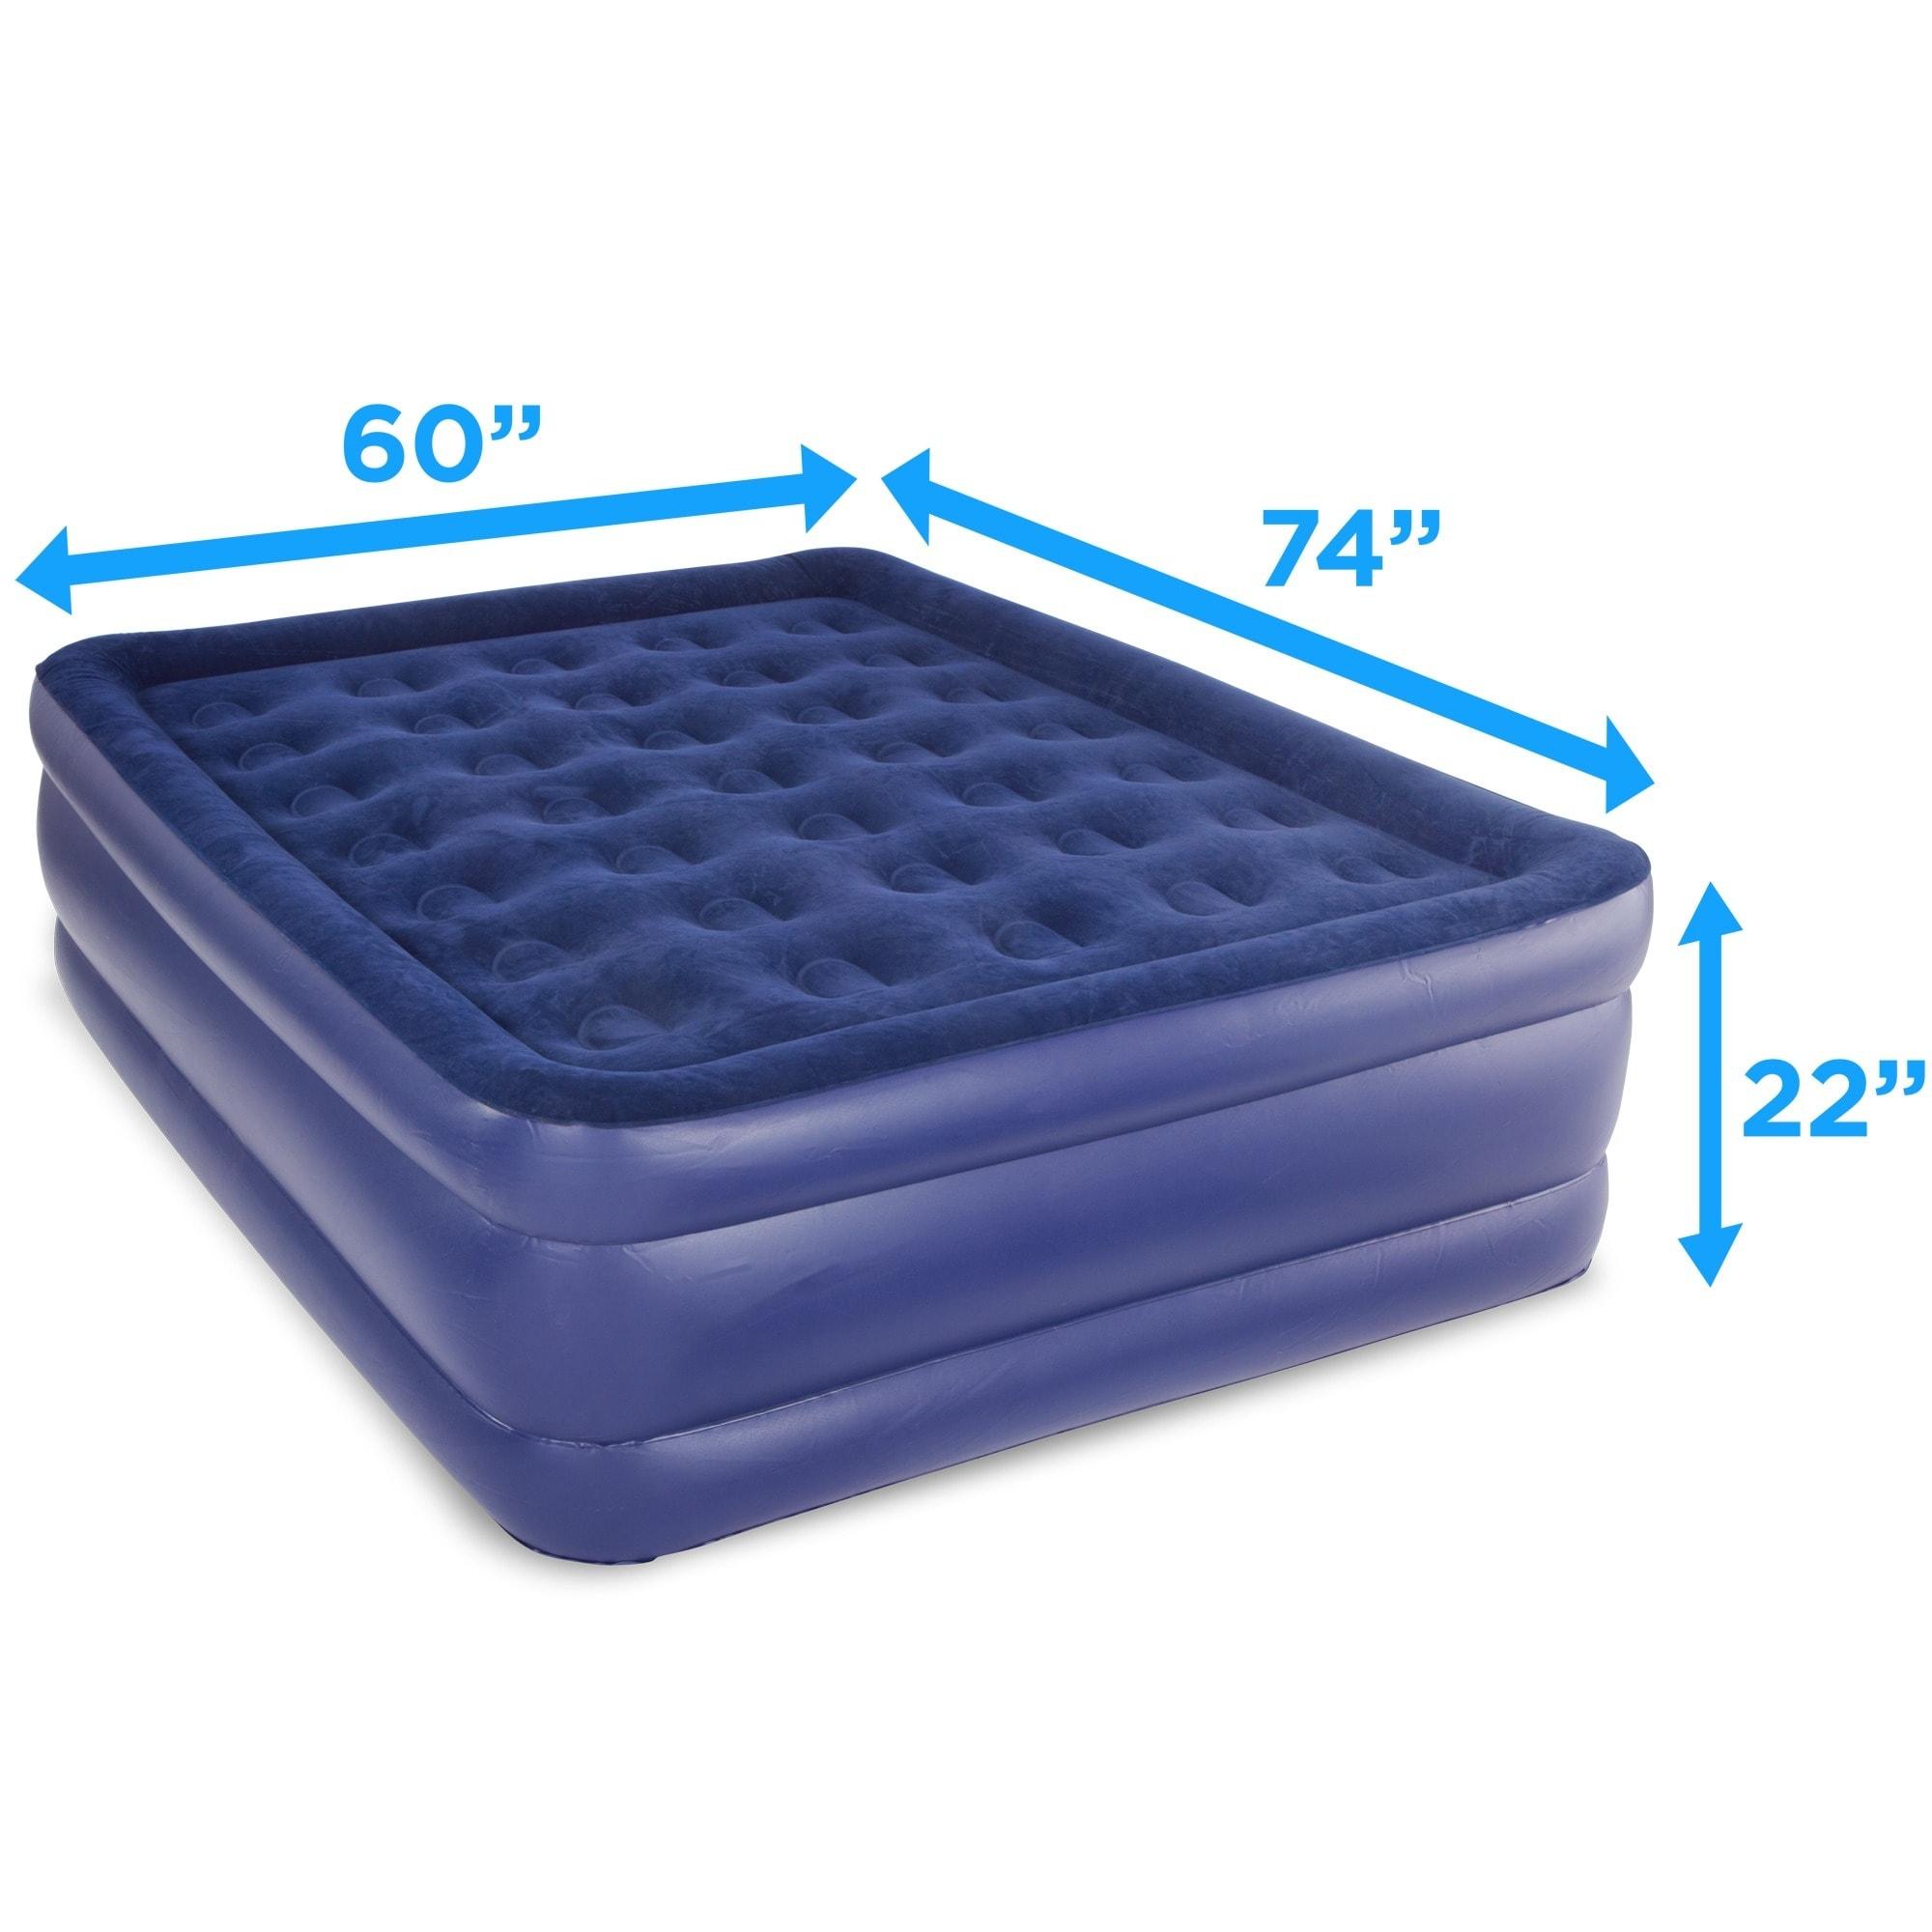 mattress reviews pdx wayfair supportrest coleman air mattresses sale